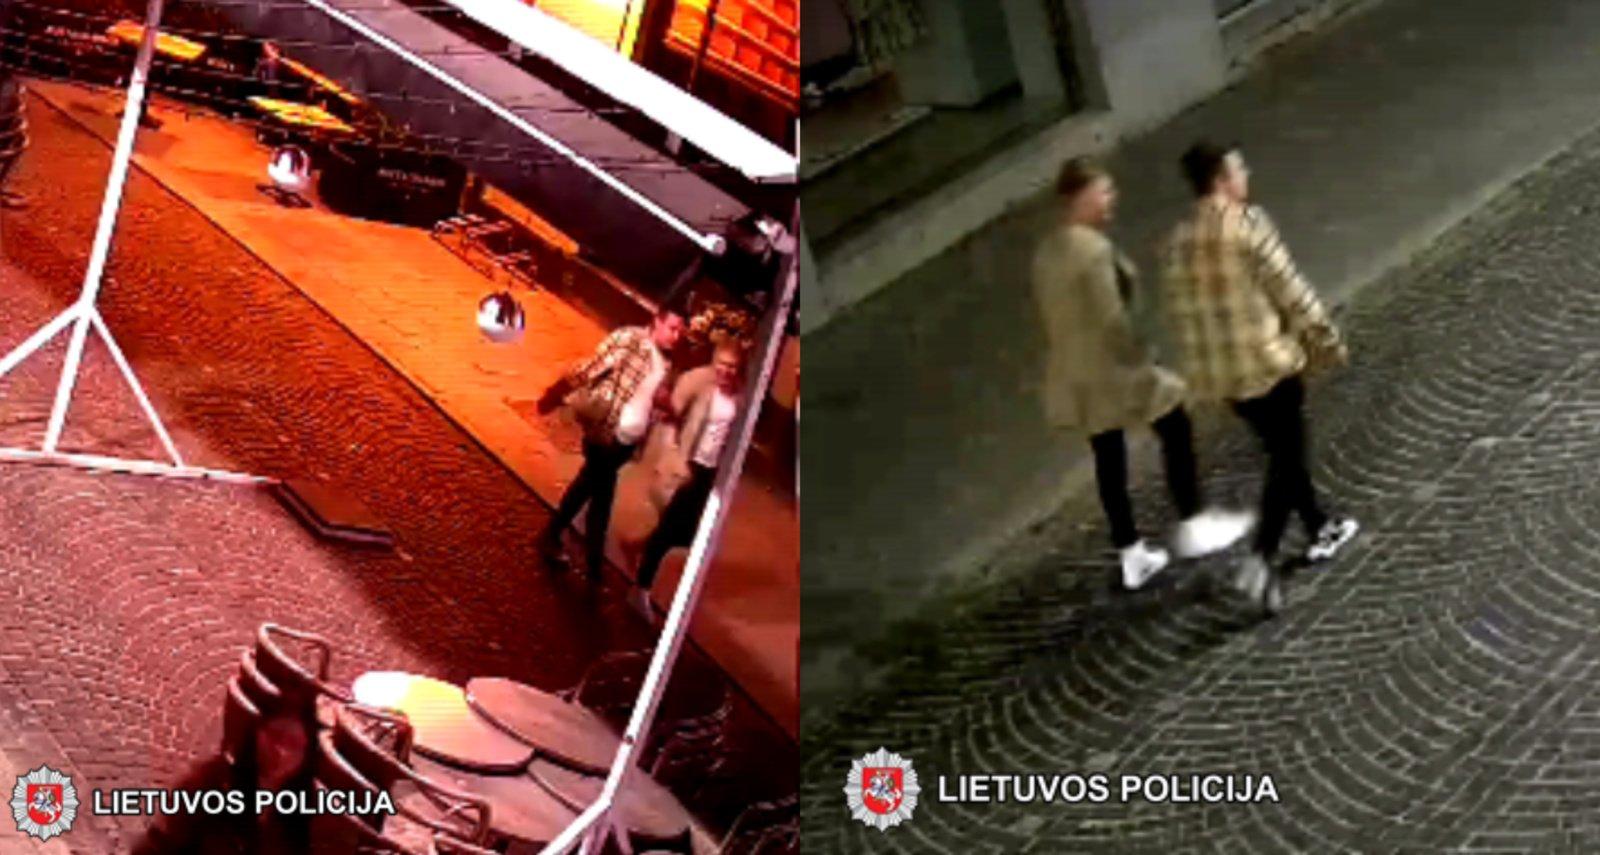 Vilniuje per muštynes sužalotas vyras, policija aiškinasi įvykio aplinkybes